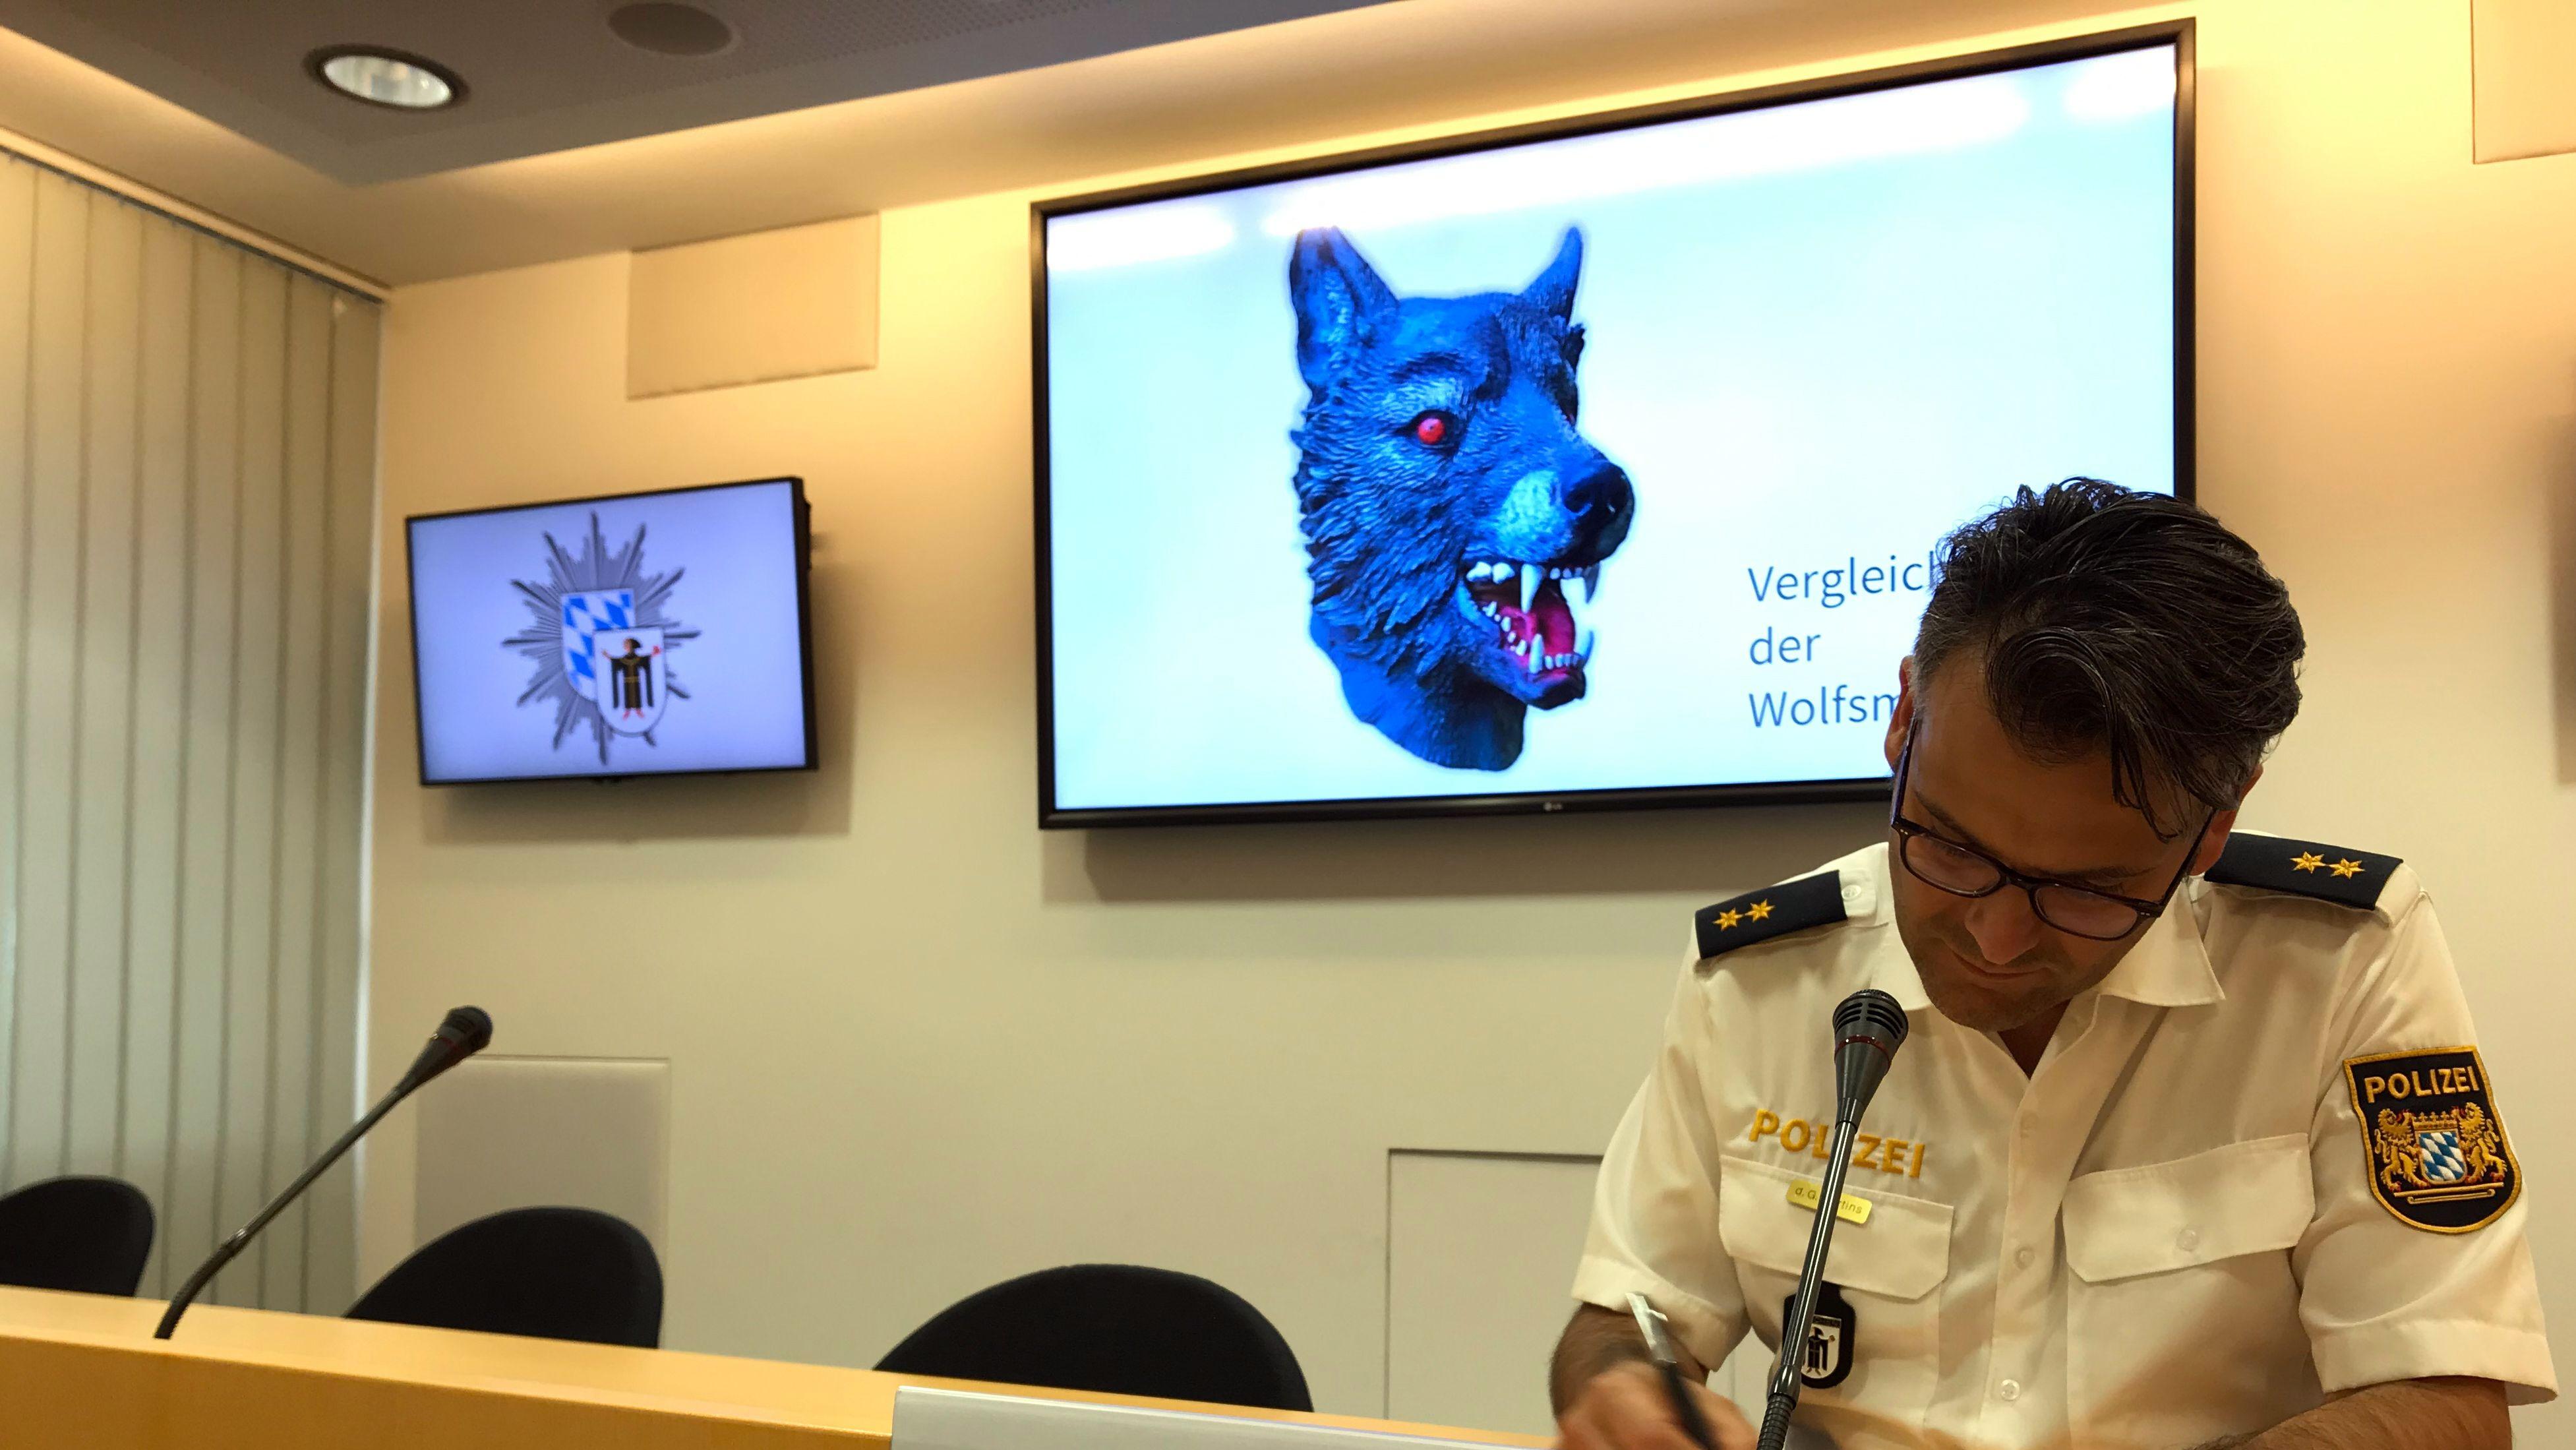 Marcus da Gloria Martins, Sprecher der Münchner Polizei, sitzt vor einem Vergleichsbild einer Wolfsmaske (gestellte Szene).